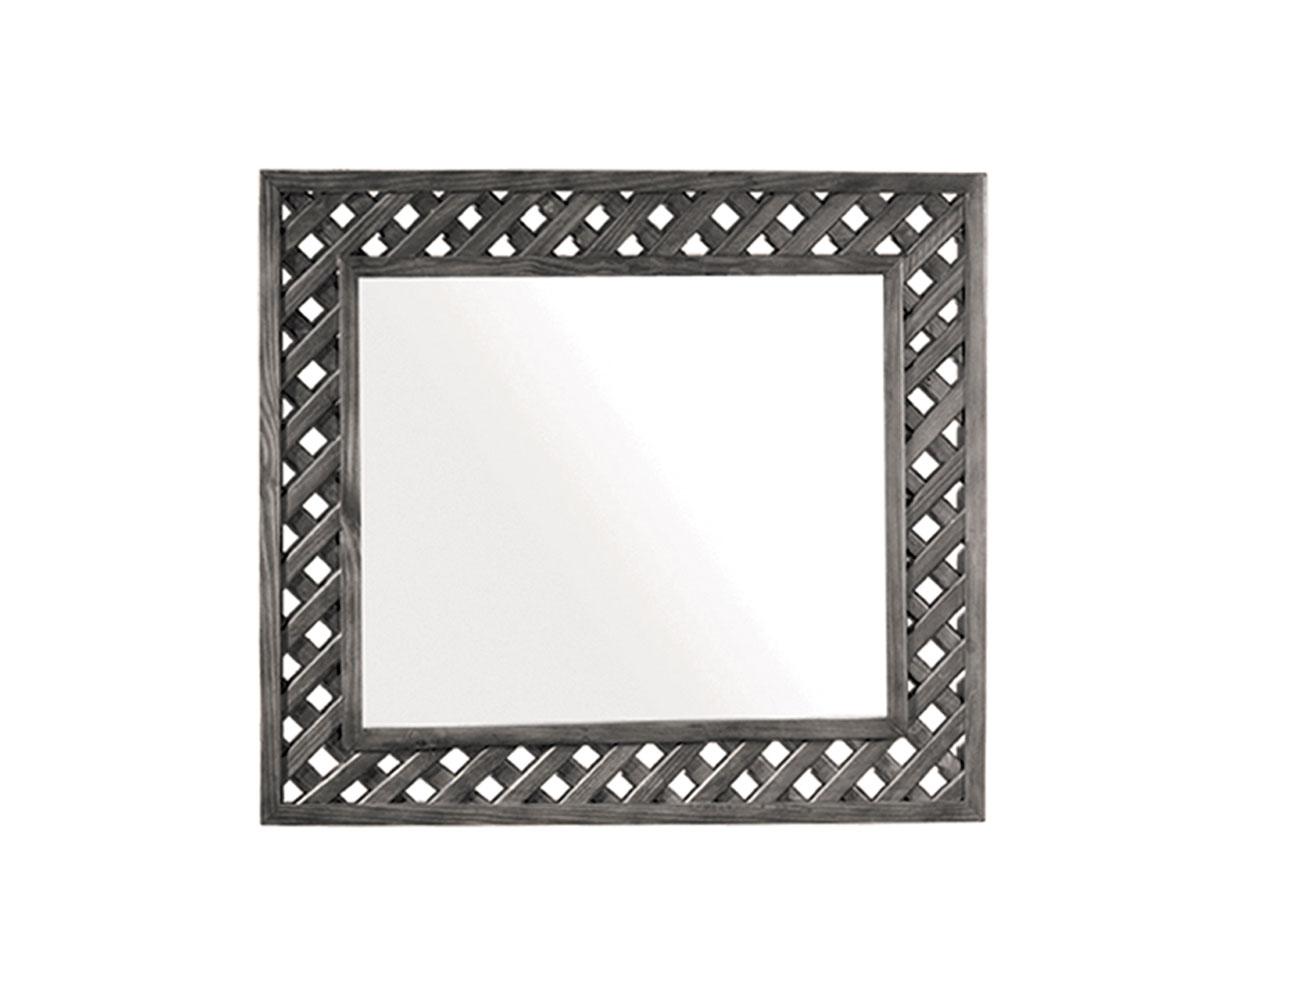 1910401 marco espejo puebla madera 100 90